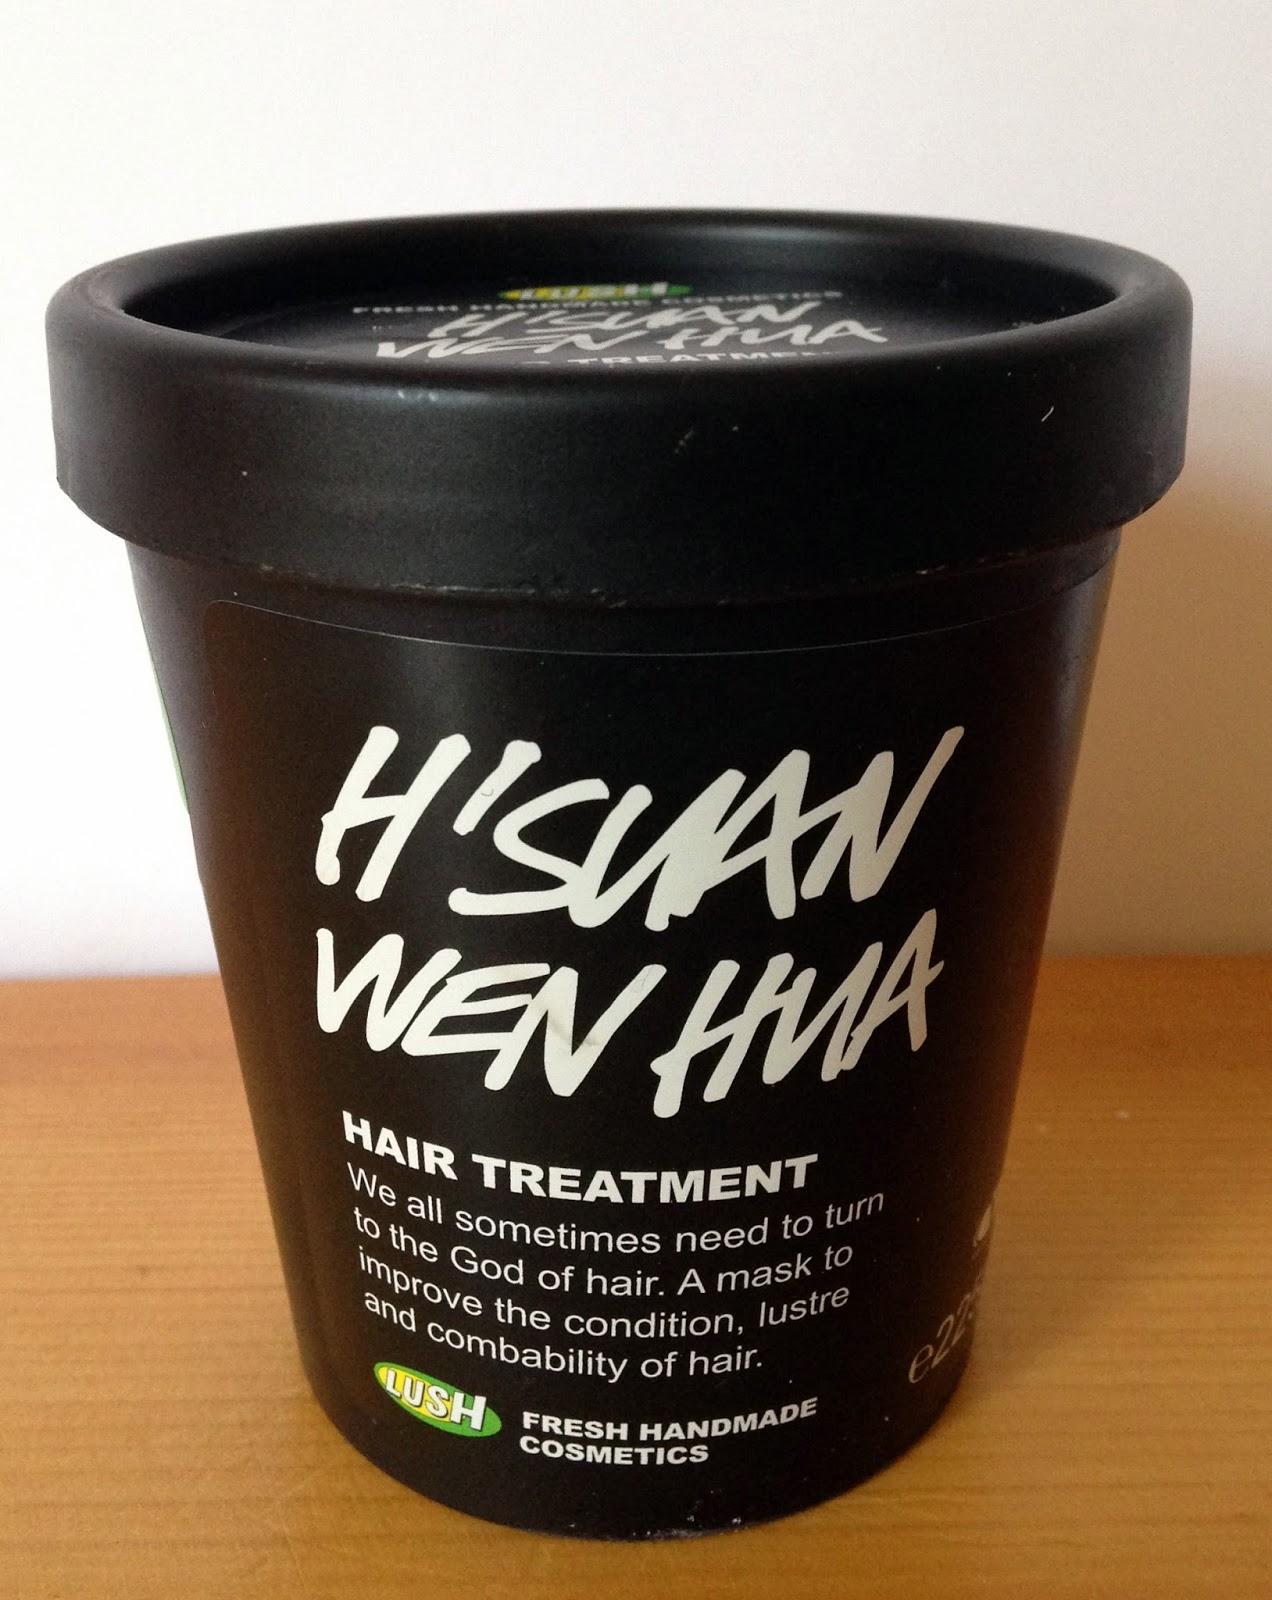 Lush H'Suan Wen Hua Hair Moisturiser